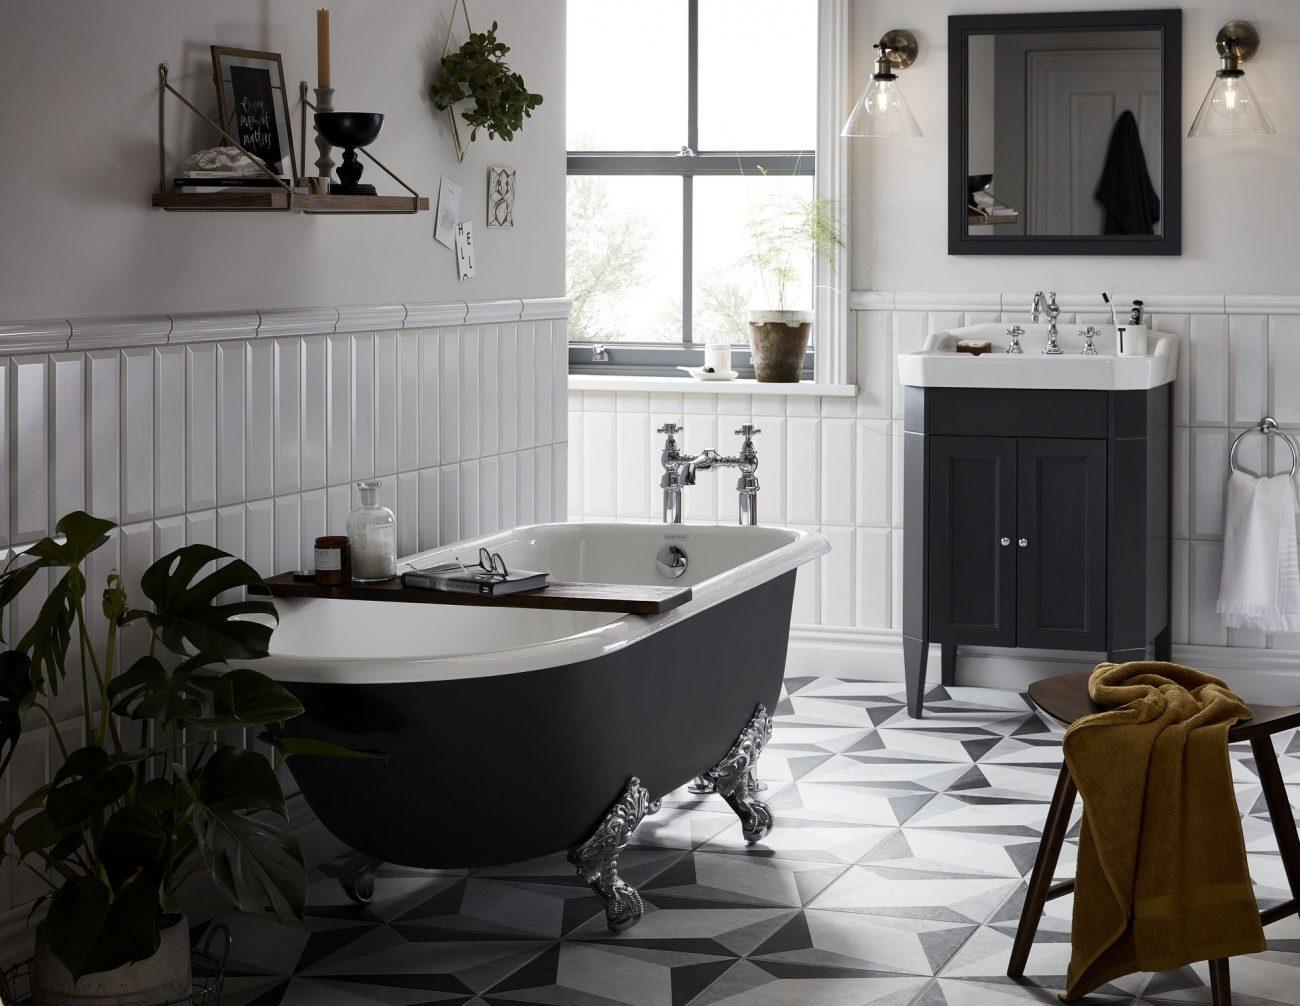 baie în stil retro